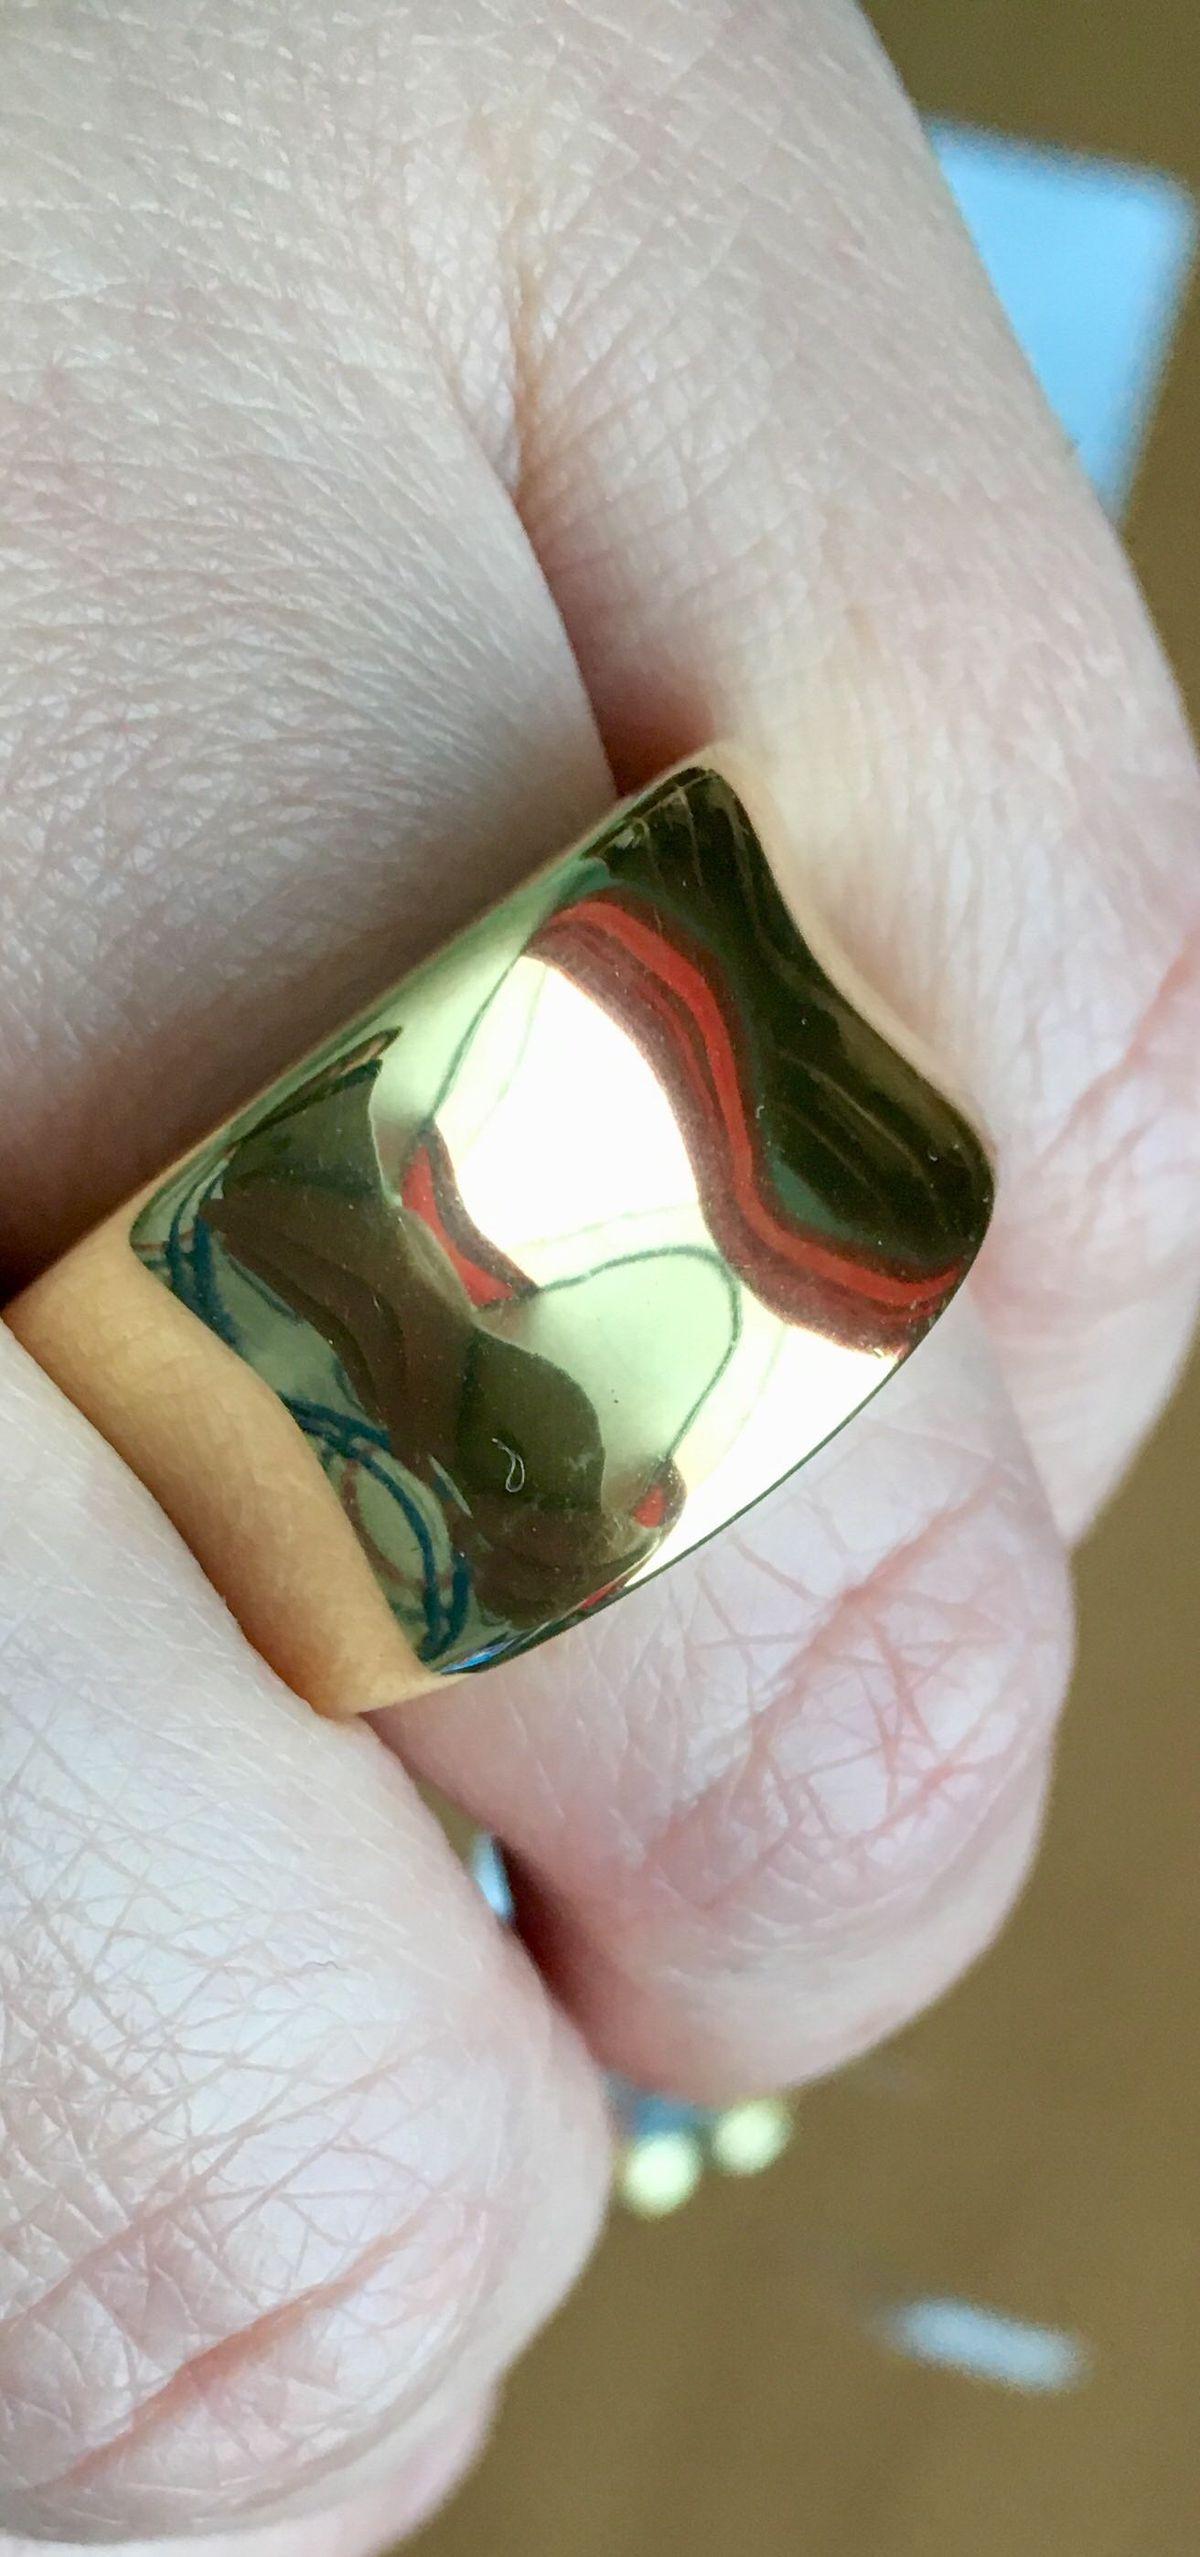 Массивное кольцо!